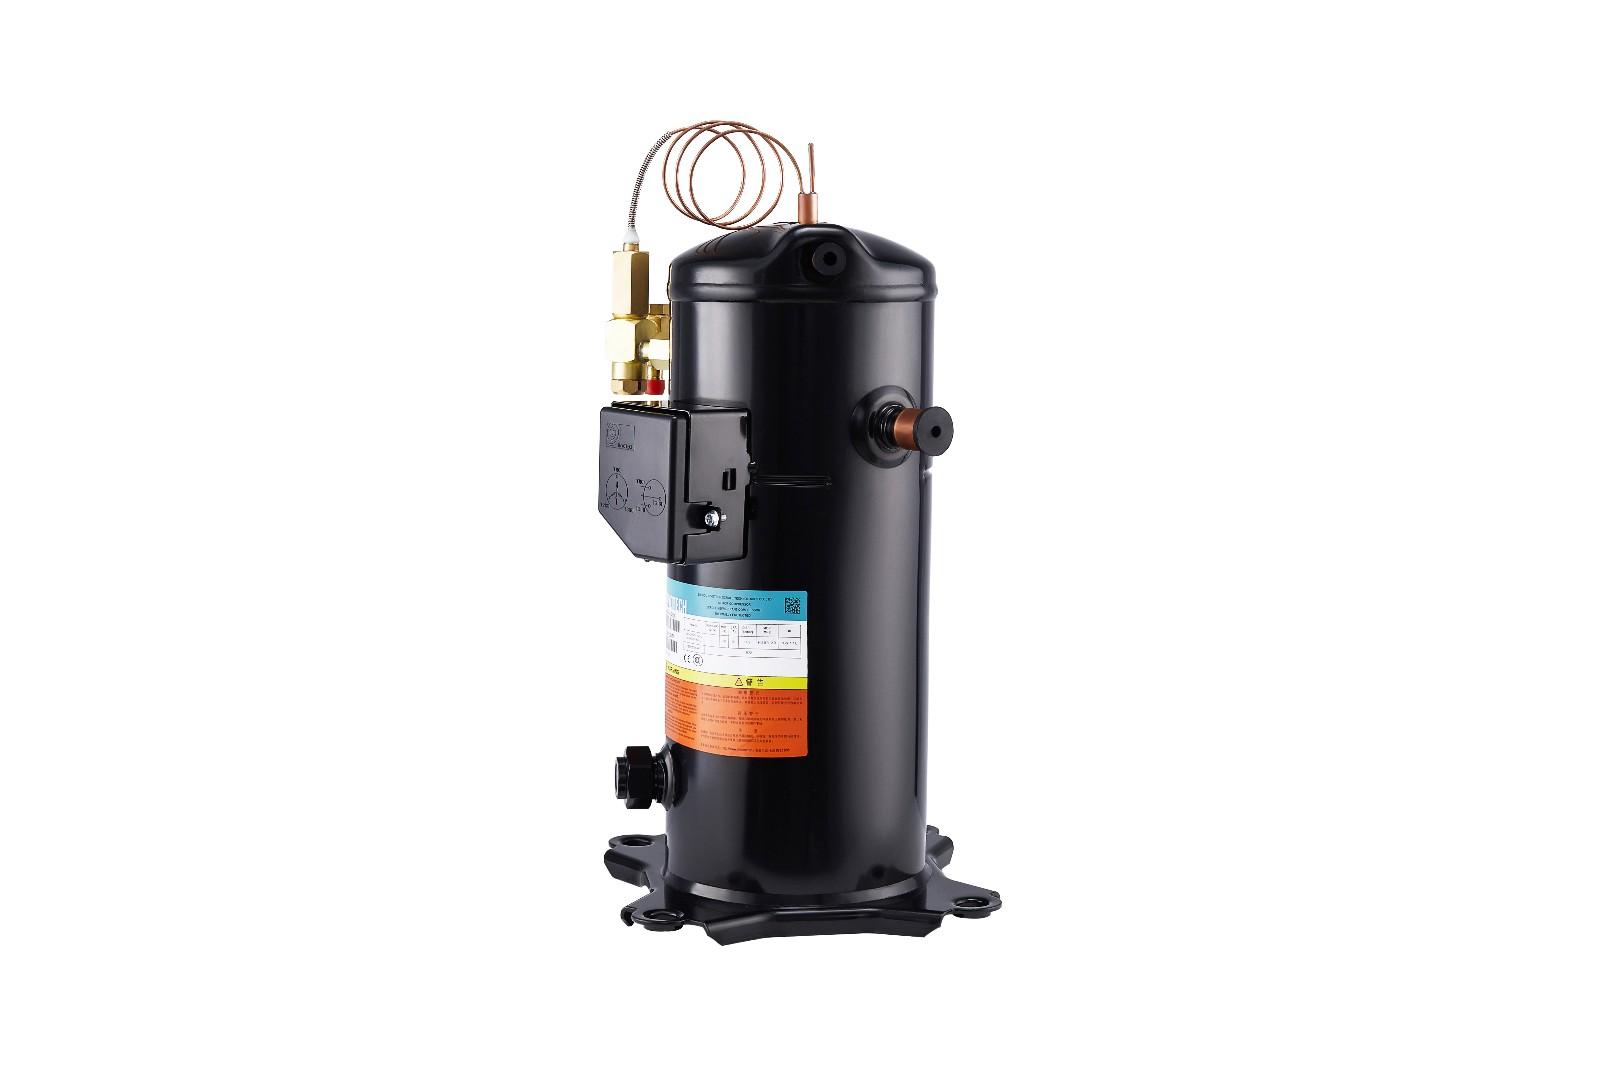 苏州英华特 低温全封涡旋压缩机YF41A1G-V100 6HP